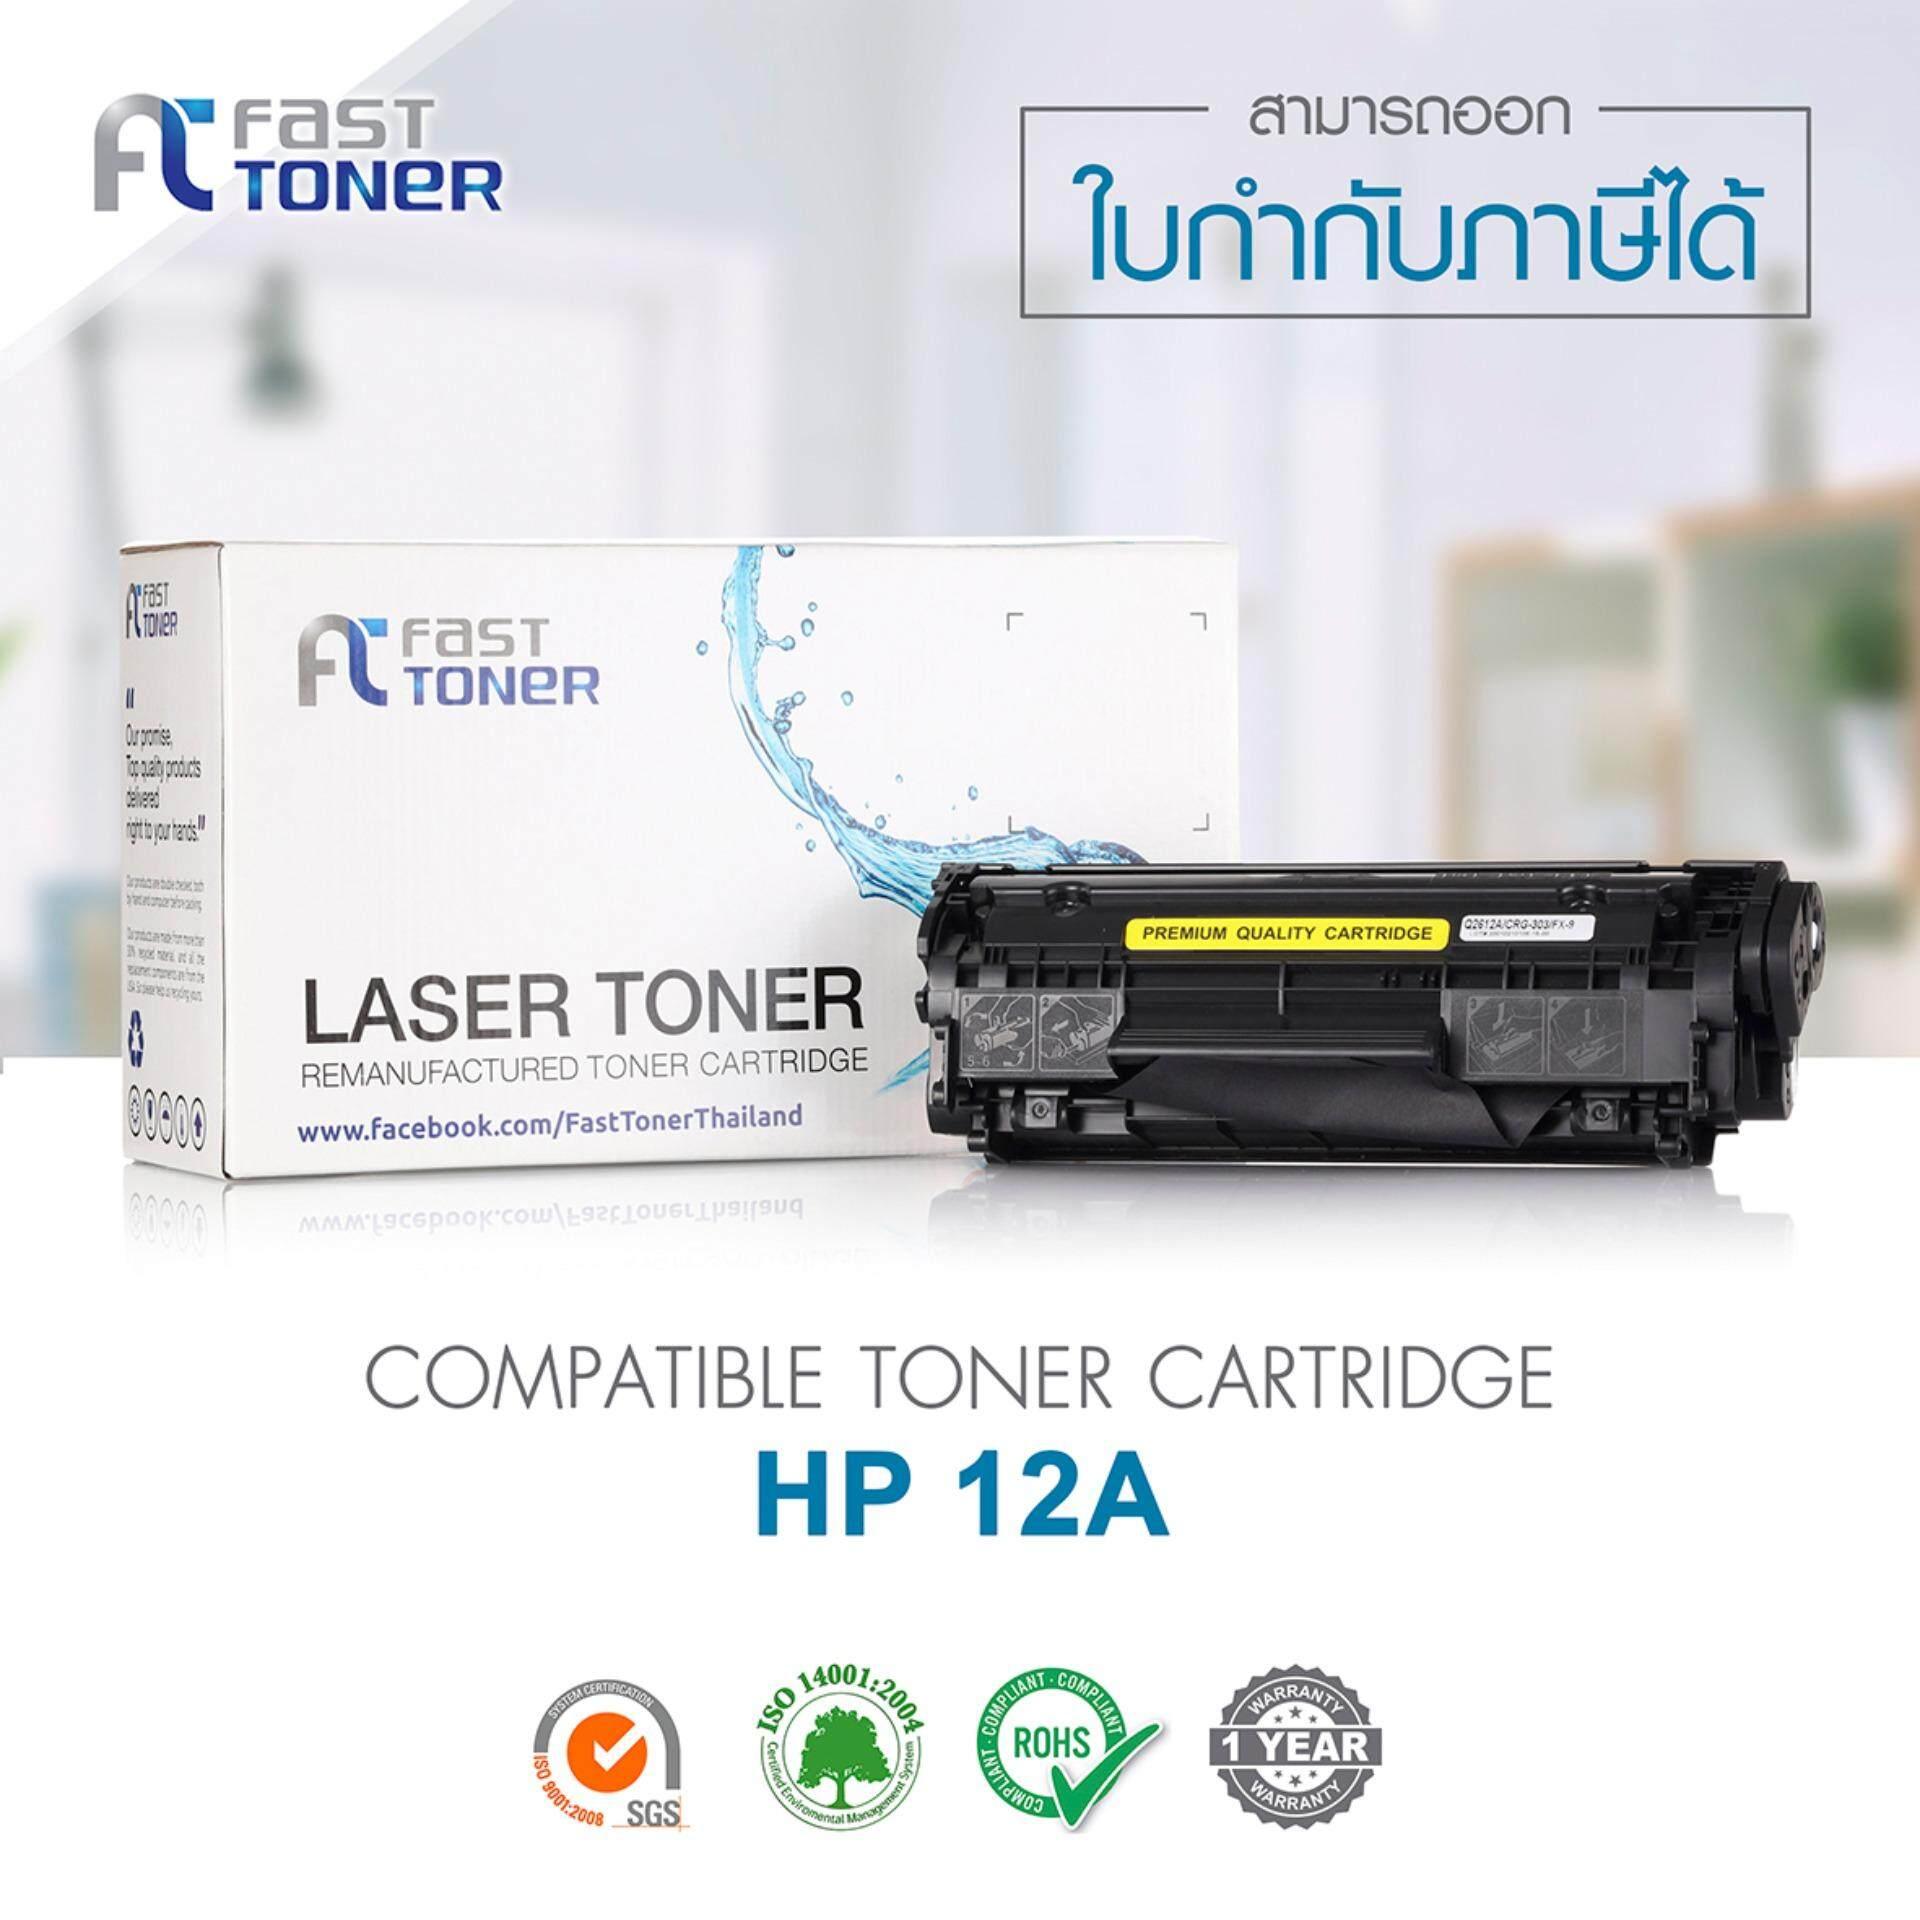 ขาย Fast Toner Hp Laser Toner ตลับหมึกเลเซอร์ 12A รุ่น Q2612A Black ใหม่